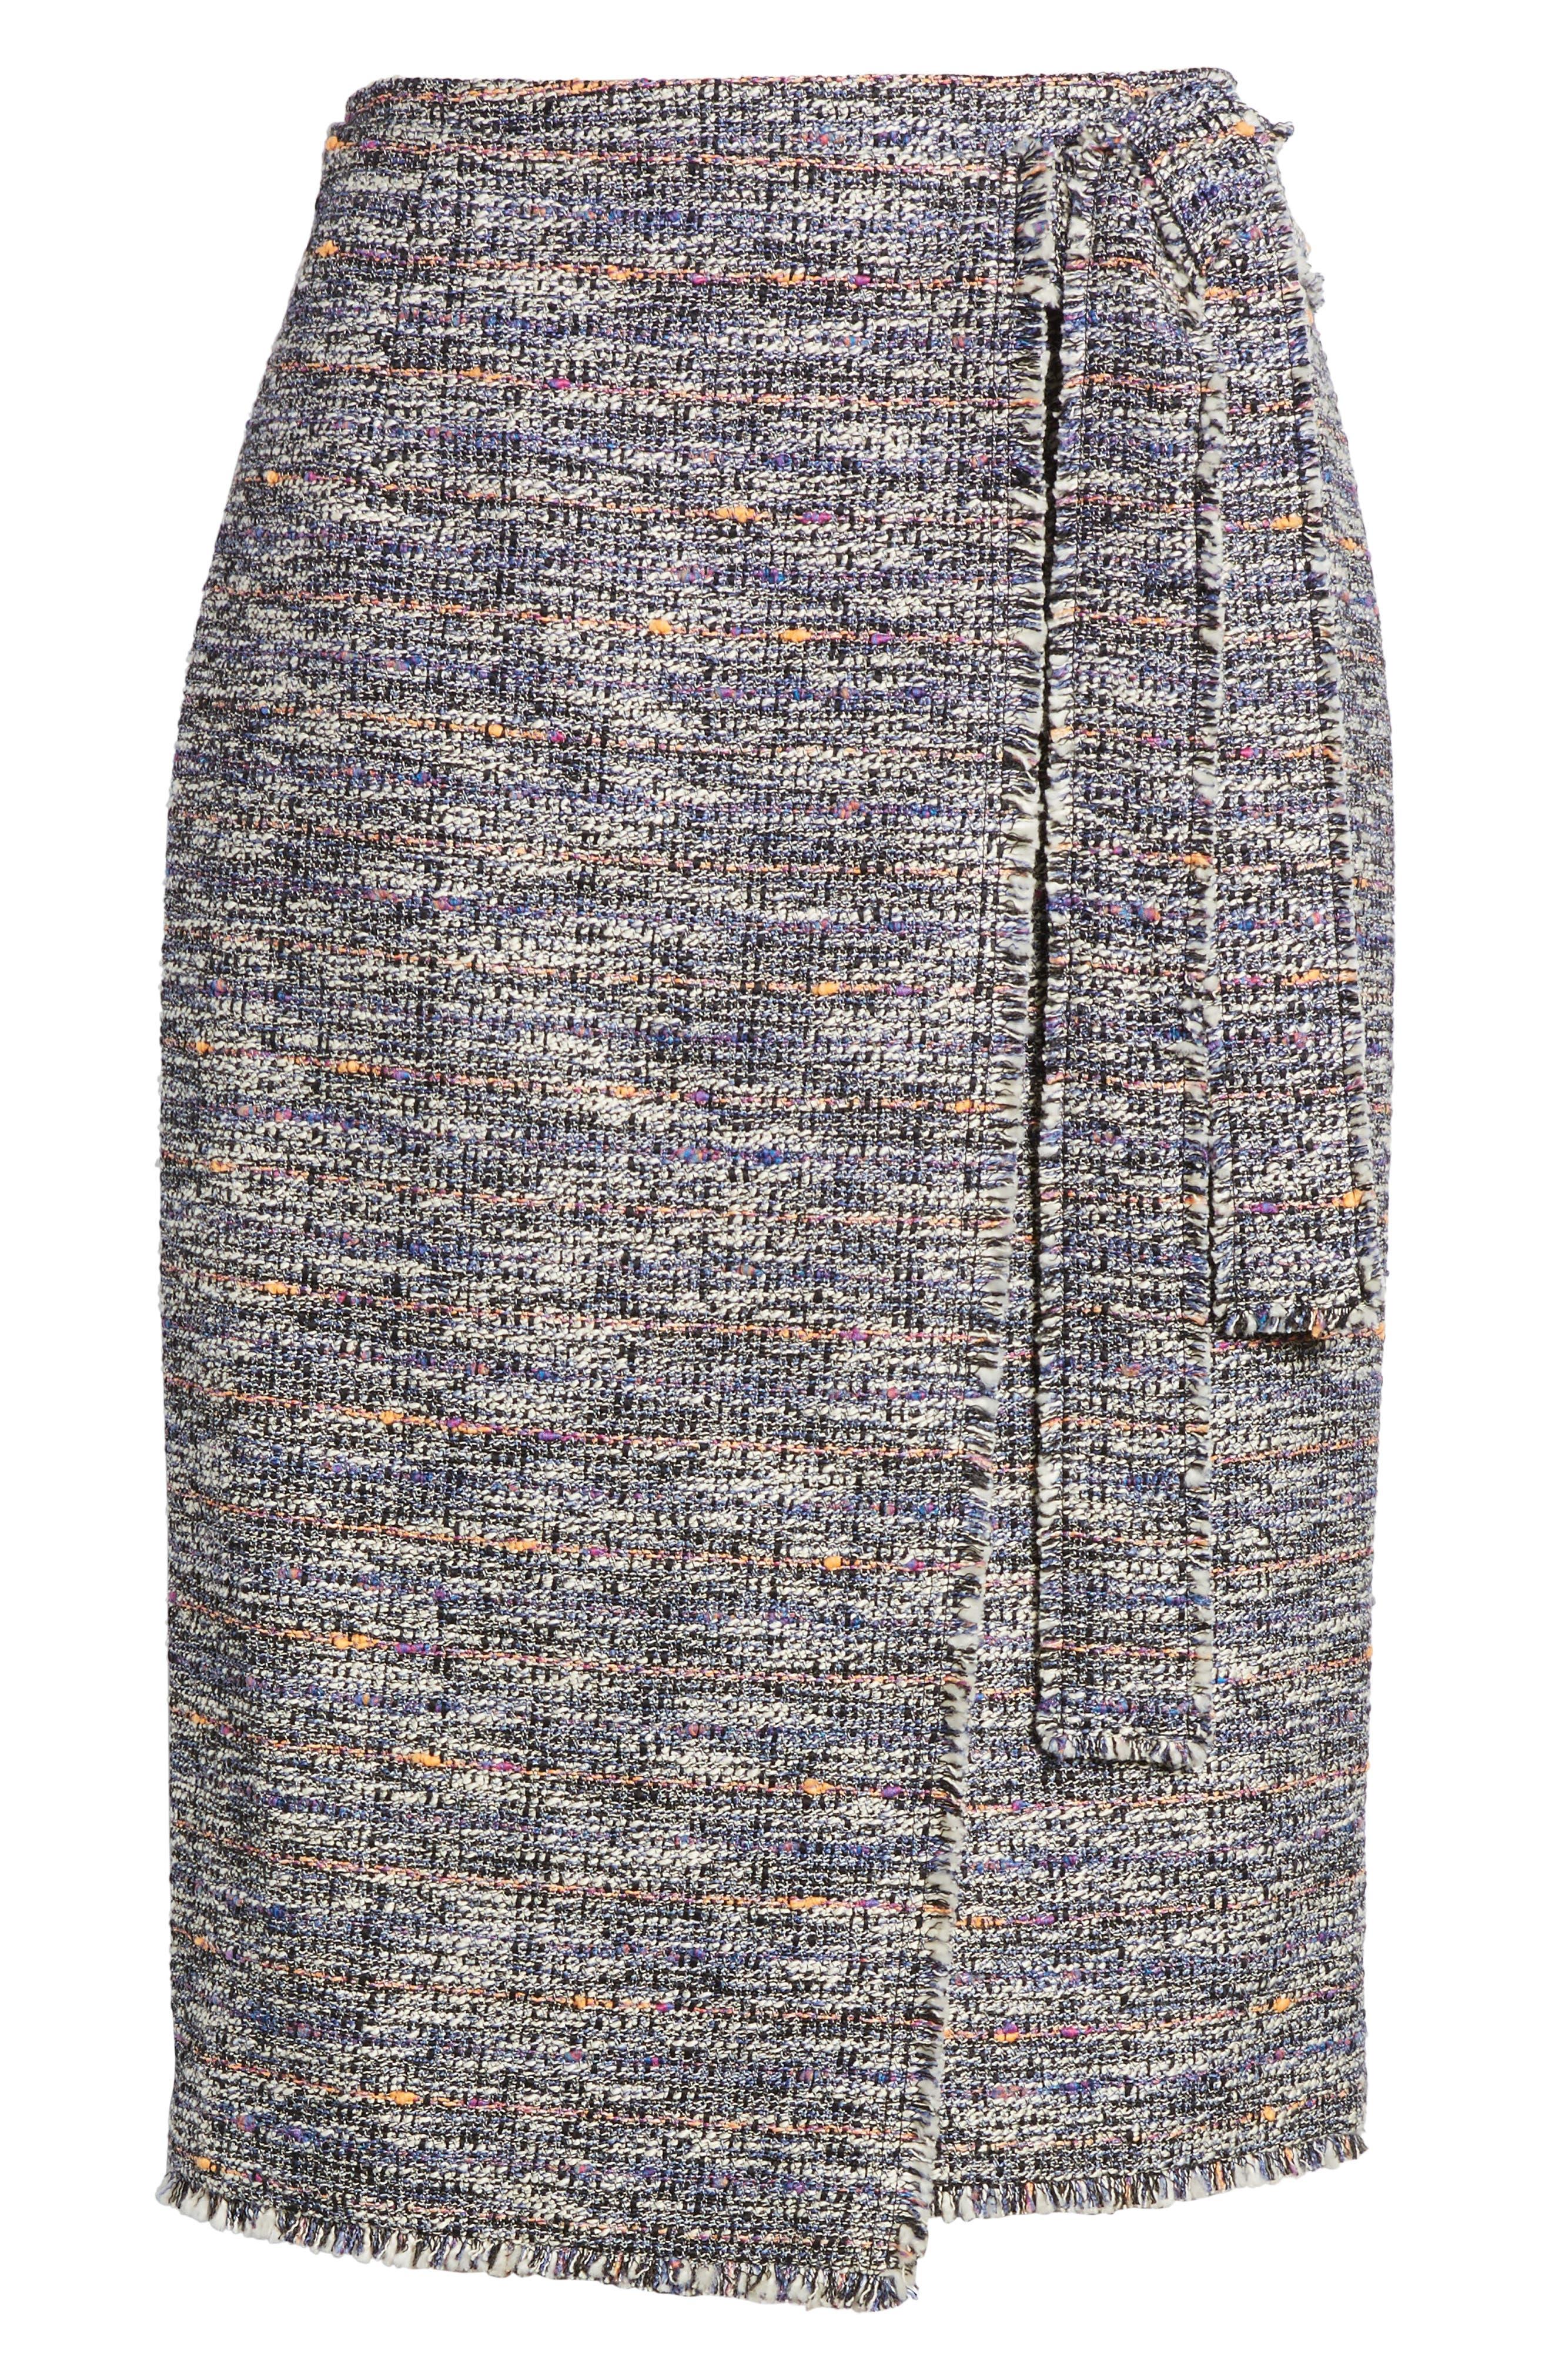 Tie Detail Pencil Skirt,                             Alternate thumbnail 6, color,                             001